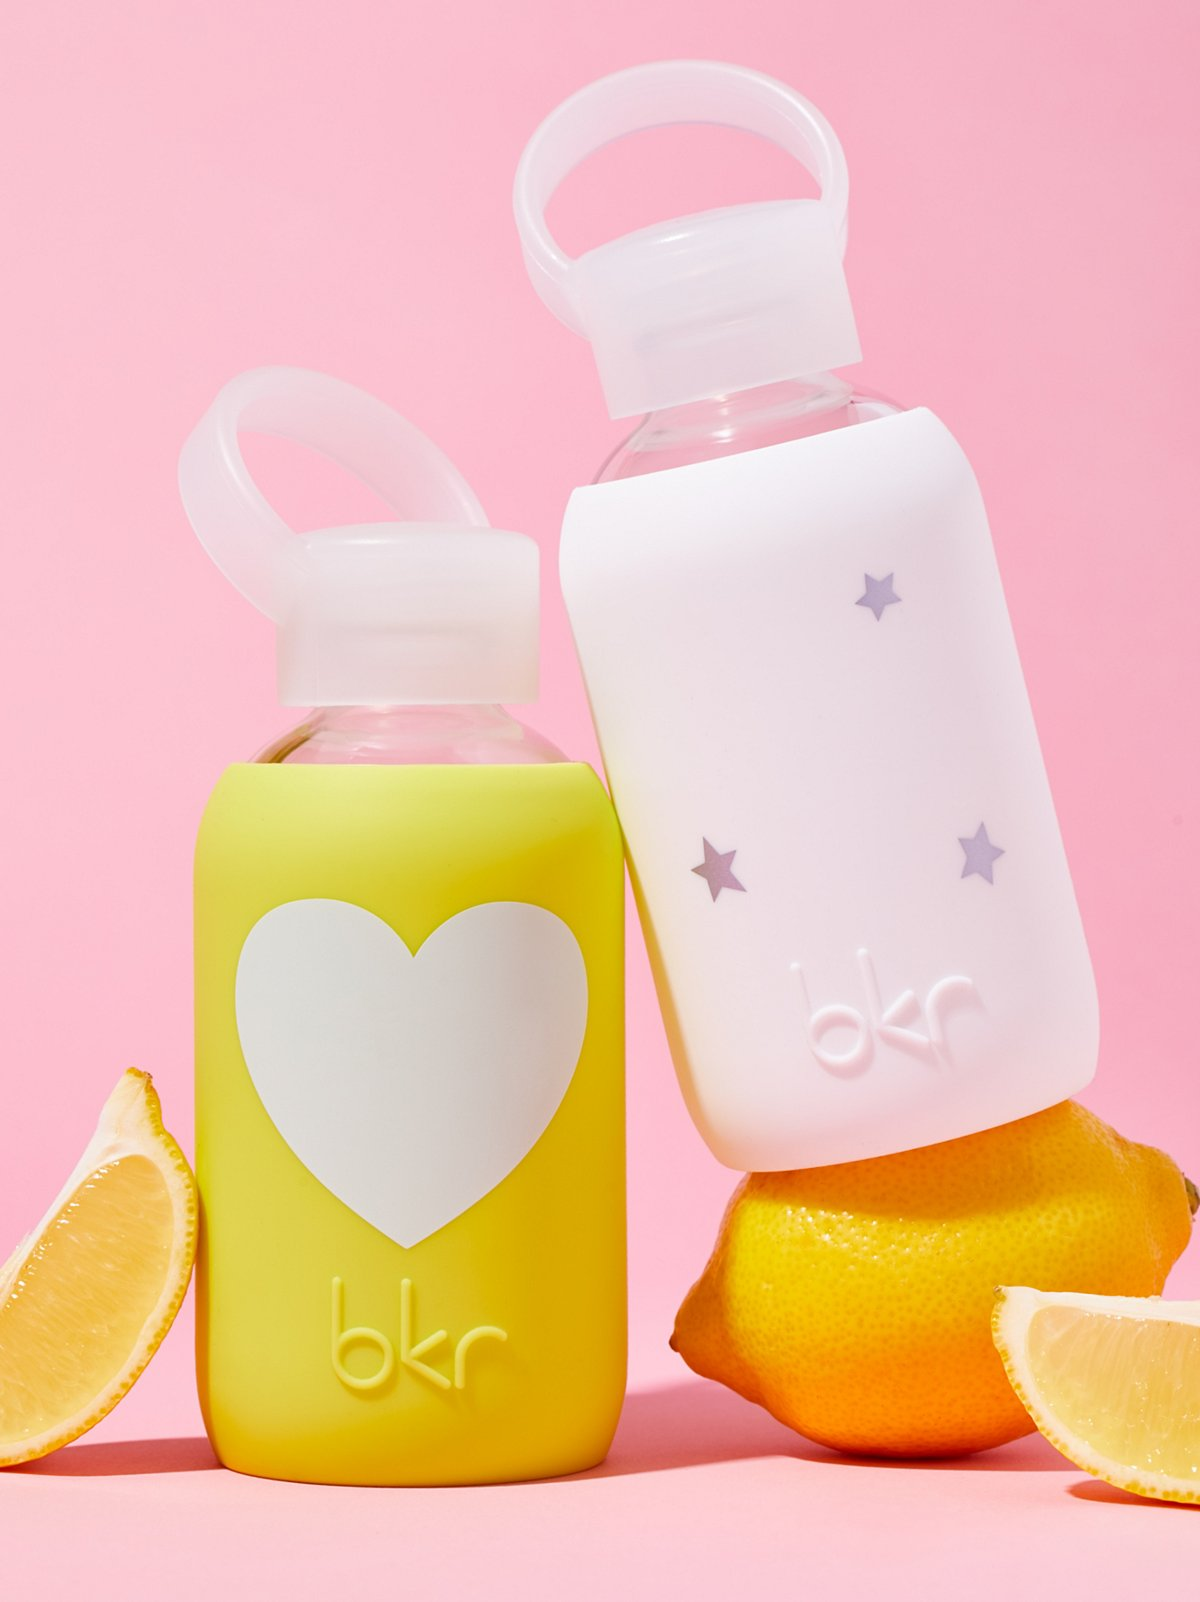 Teeny BKR Water Bottle